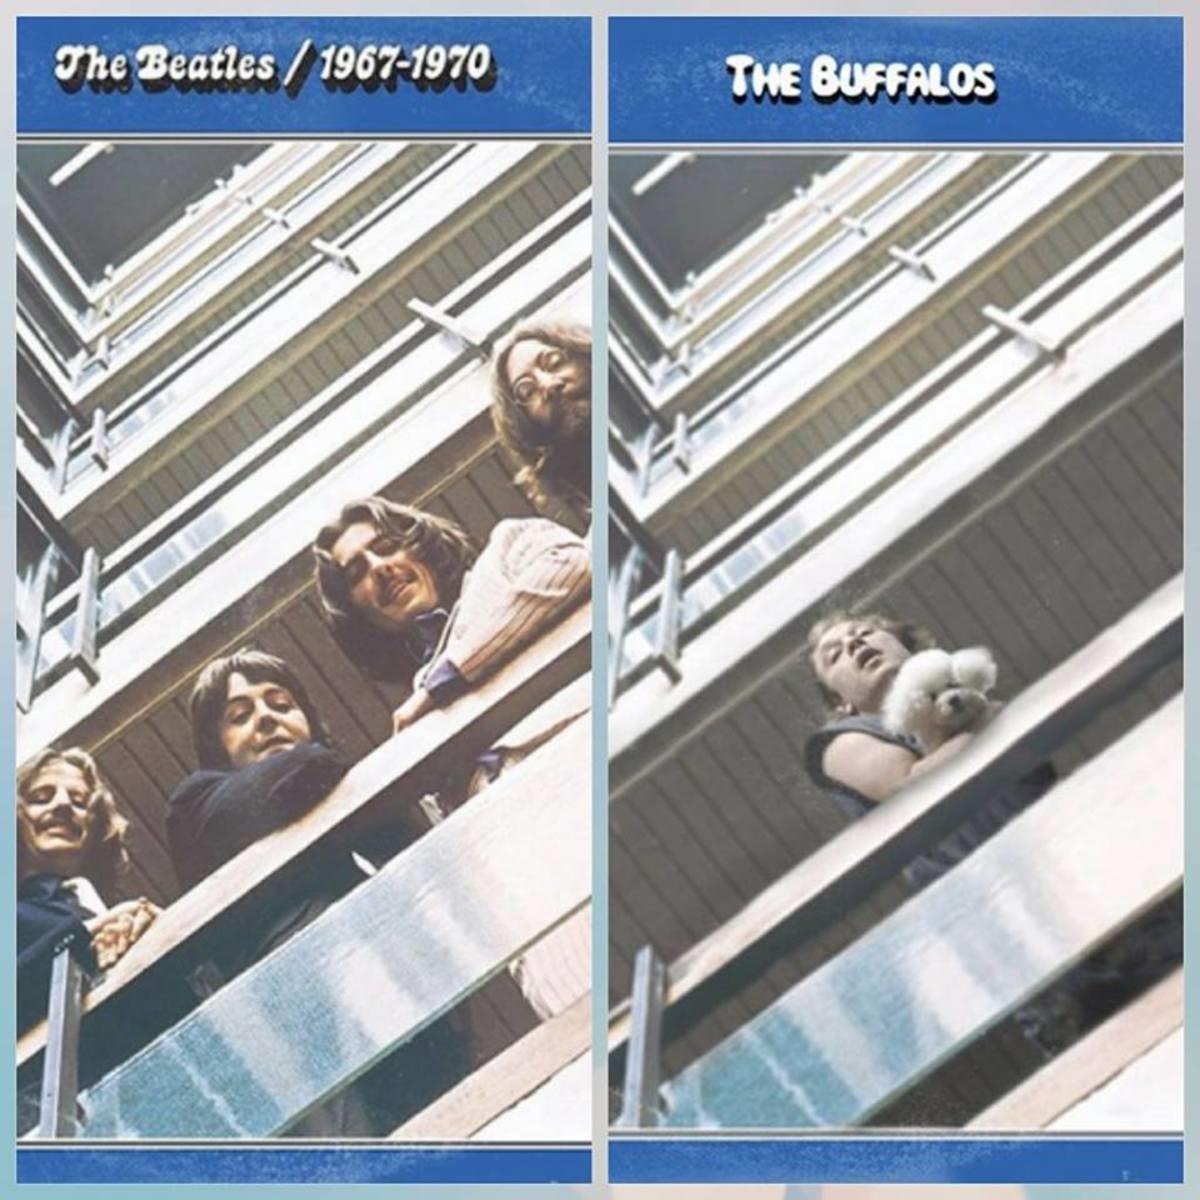 The Buffalos. . tthe Beatles v/'